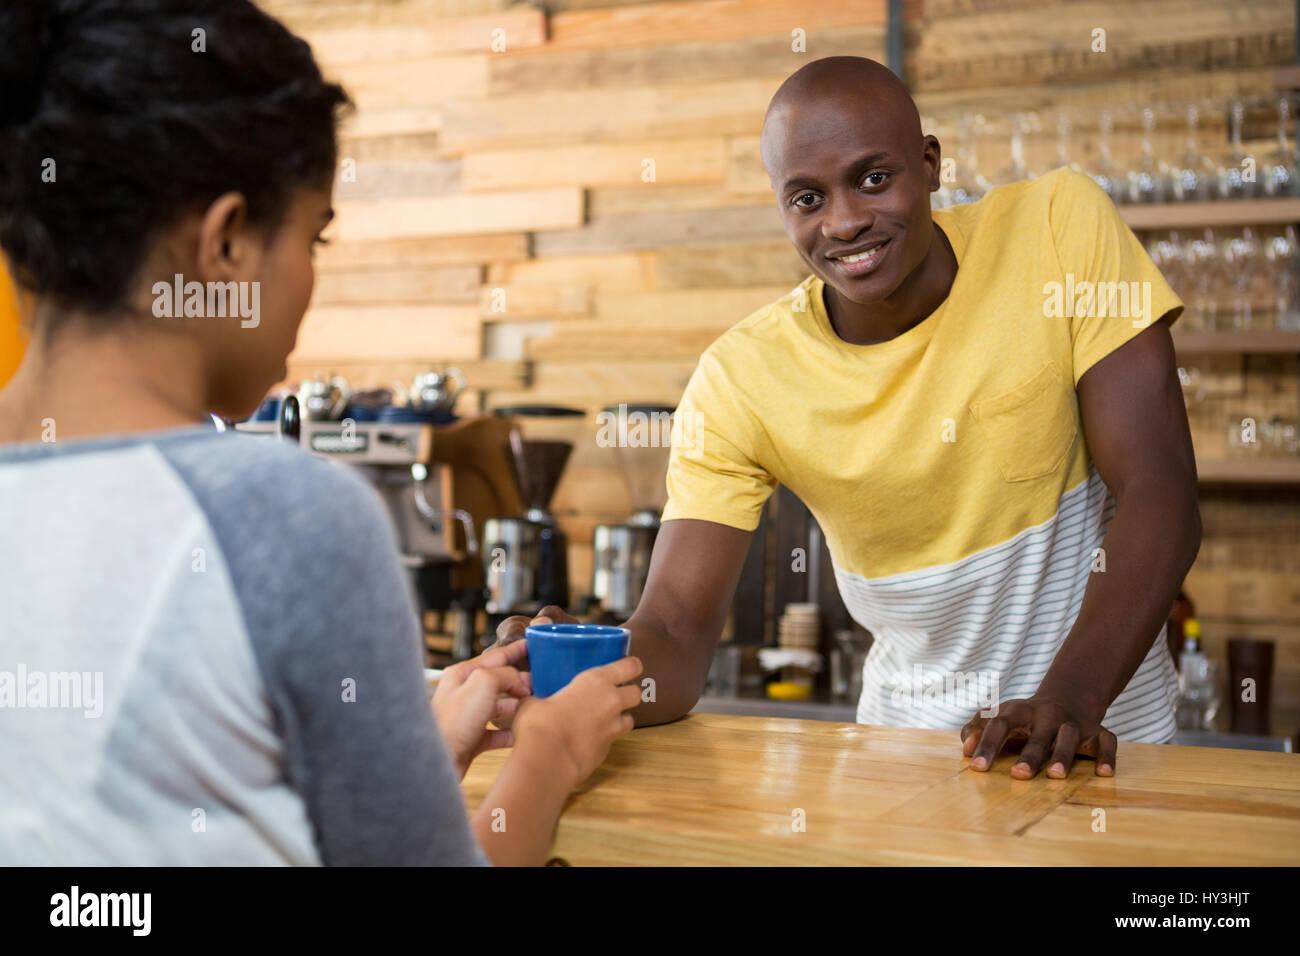 Porträt von männlichen Barista Kaffee an weibliche Kunden im Café serviert Stockfoto